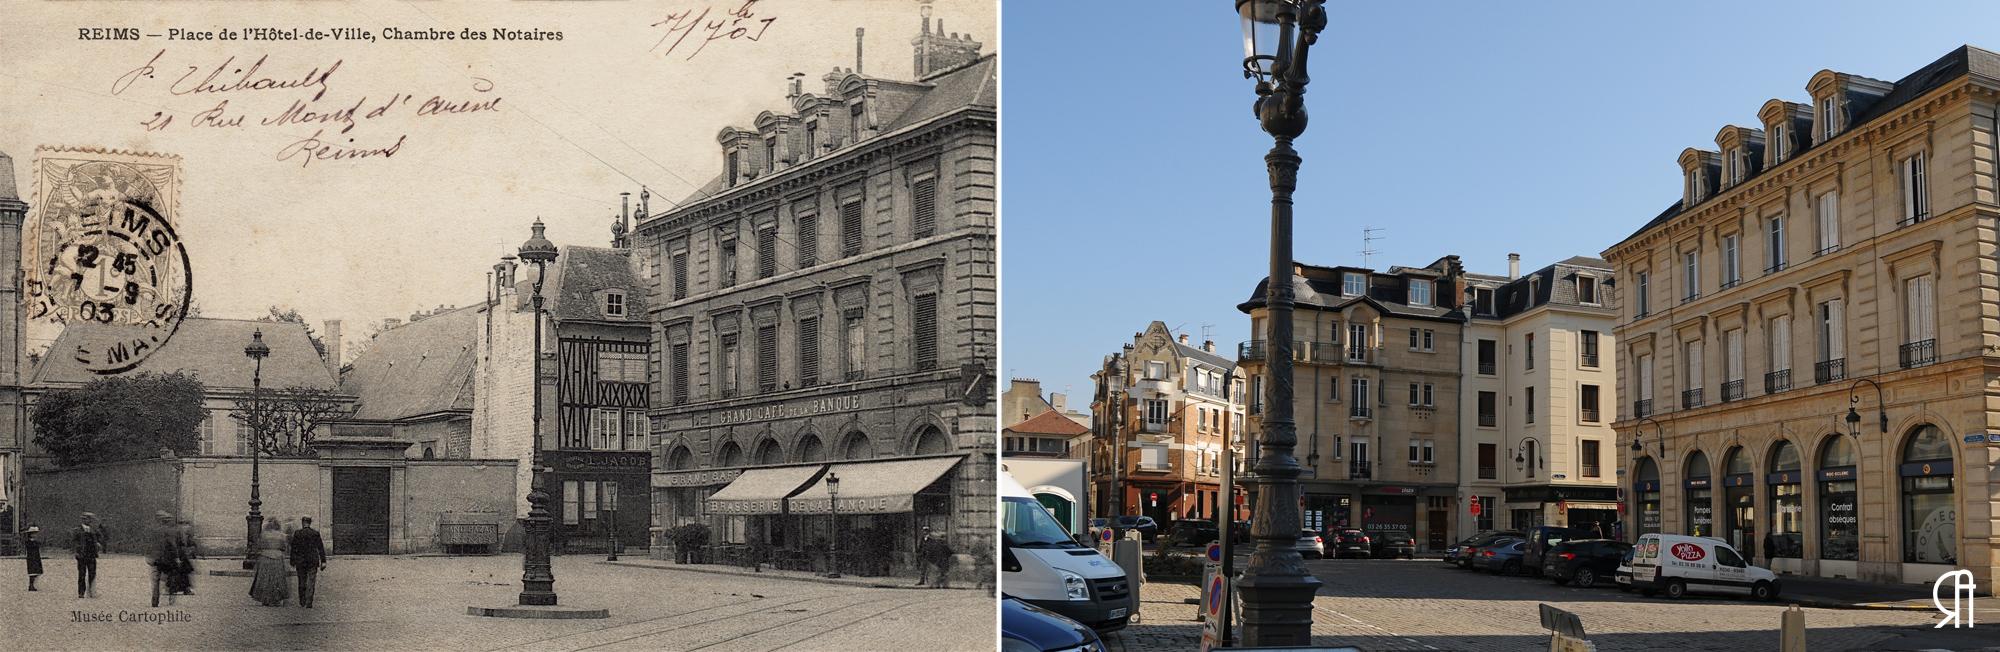 La Chambre des notaires, place de l'Hôtel de Ville avant la Grande Guerre